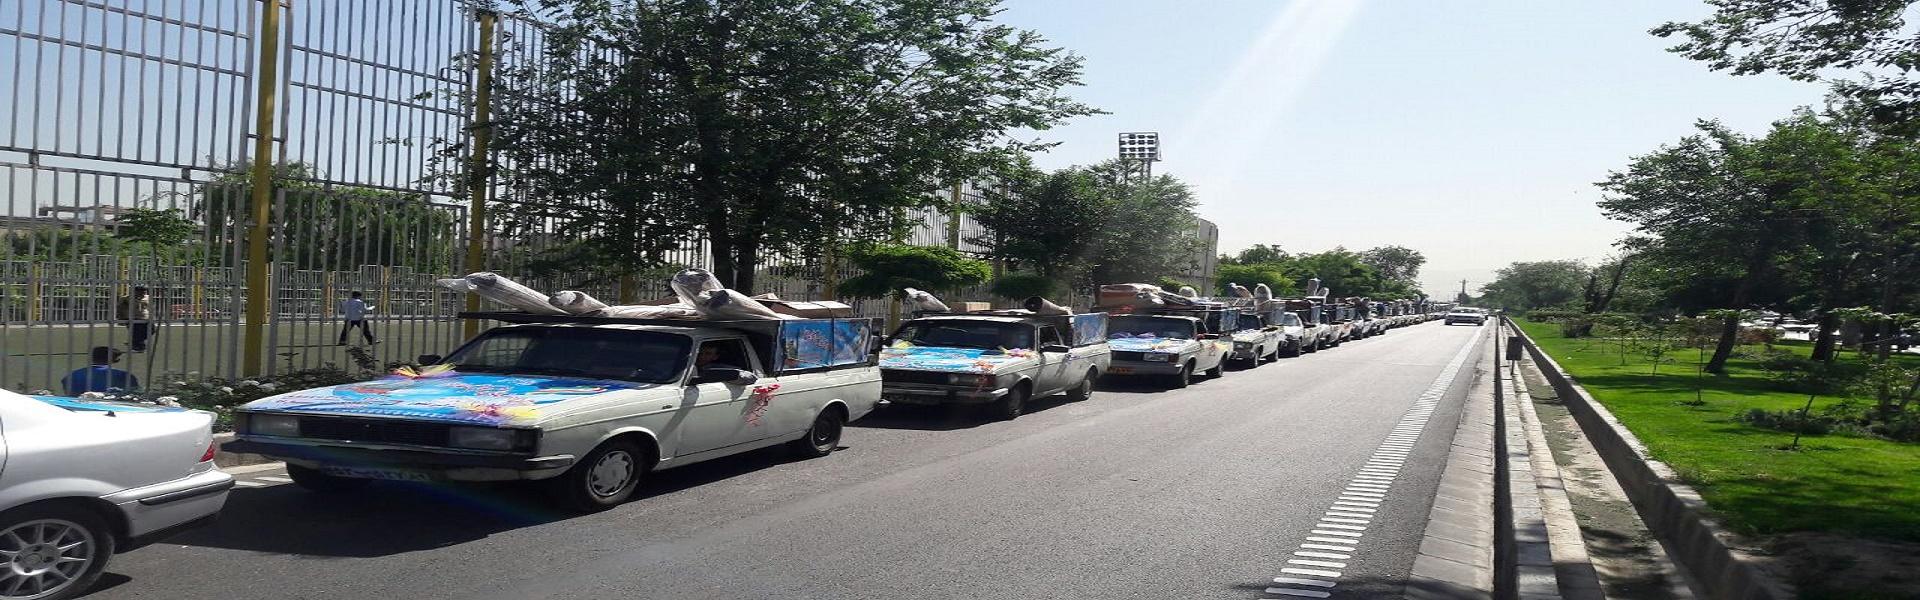 ارائه انواع خدمات حمل و نقل بین شهری